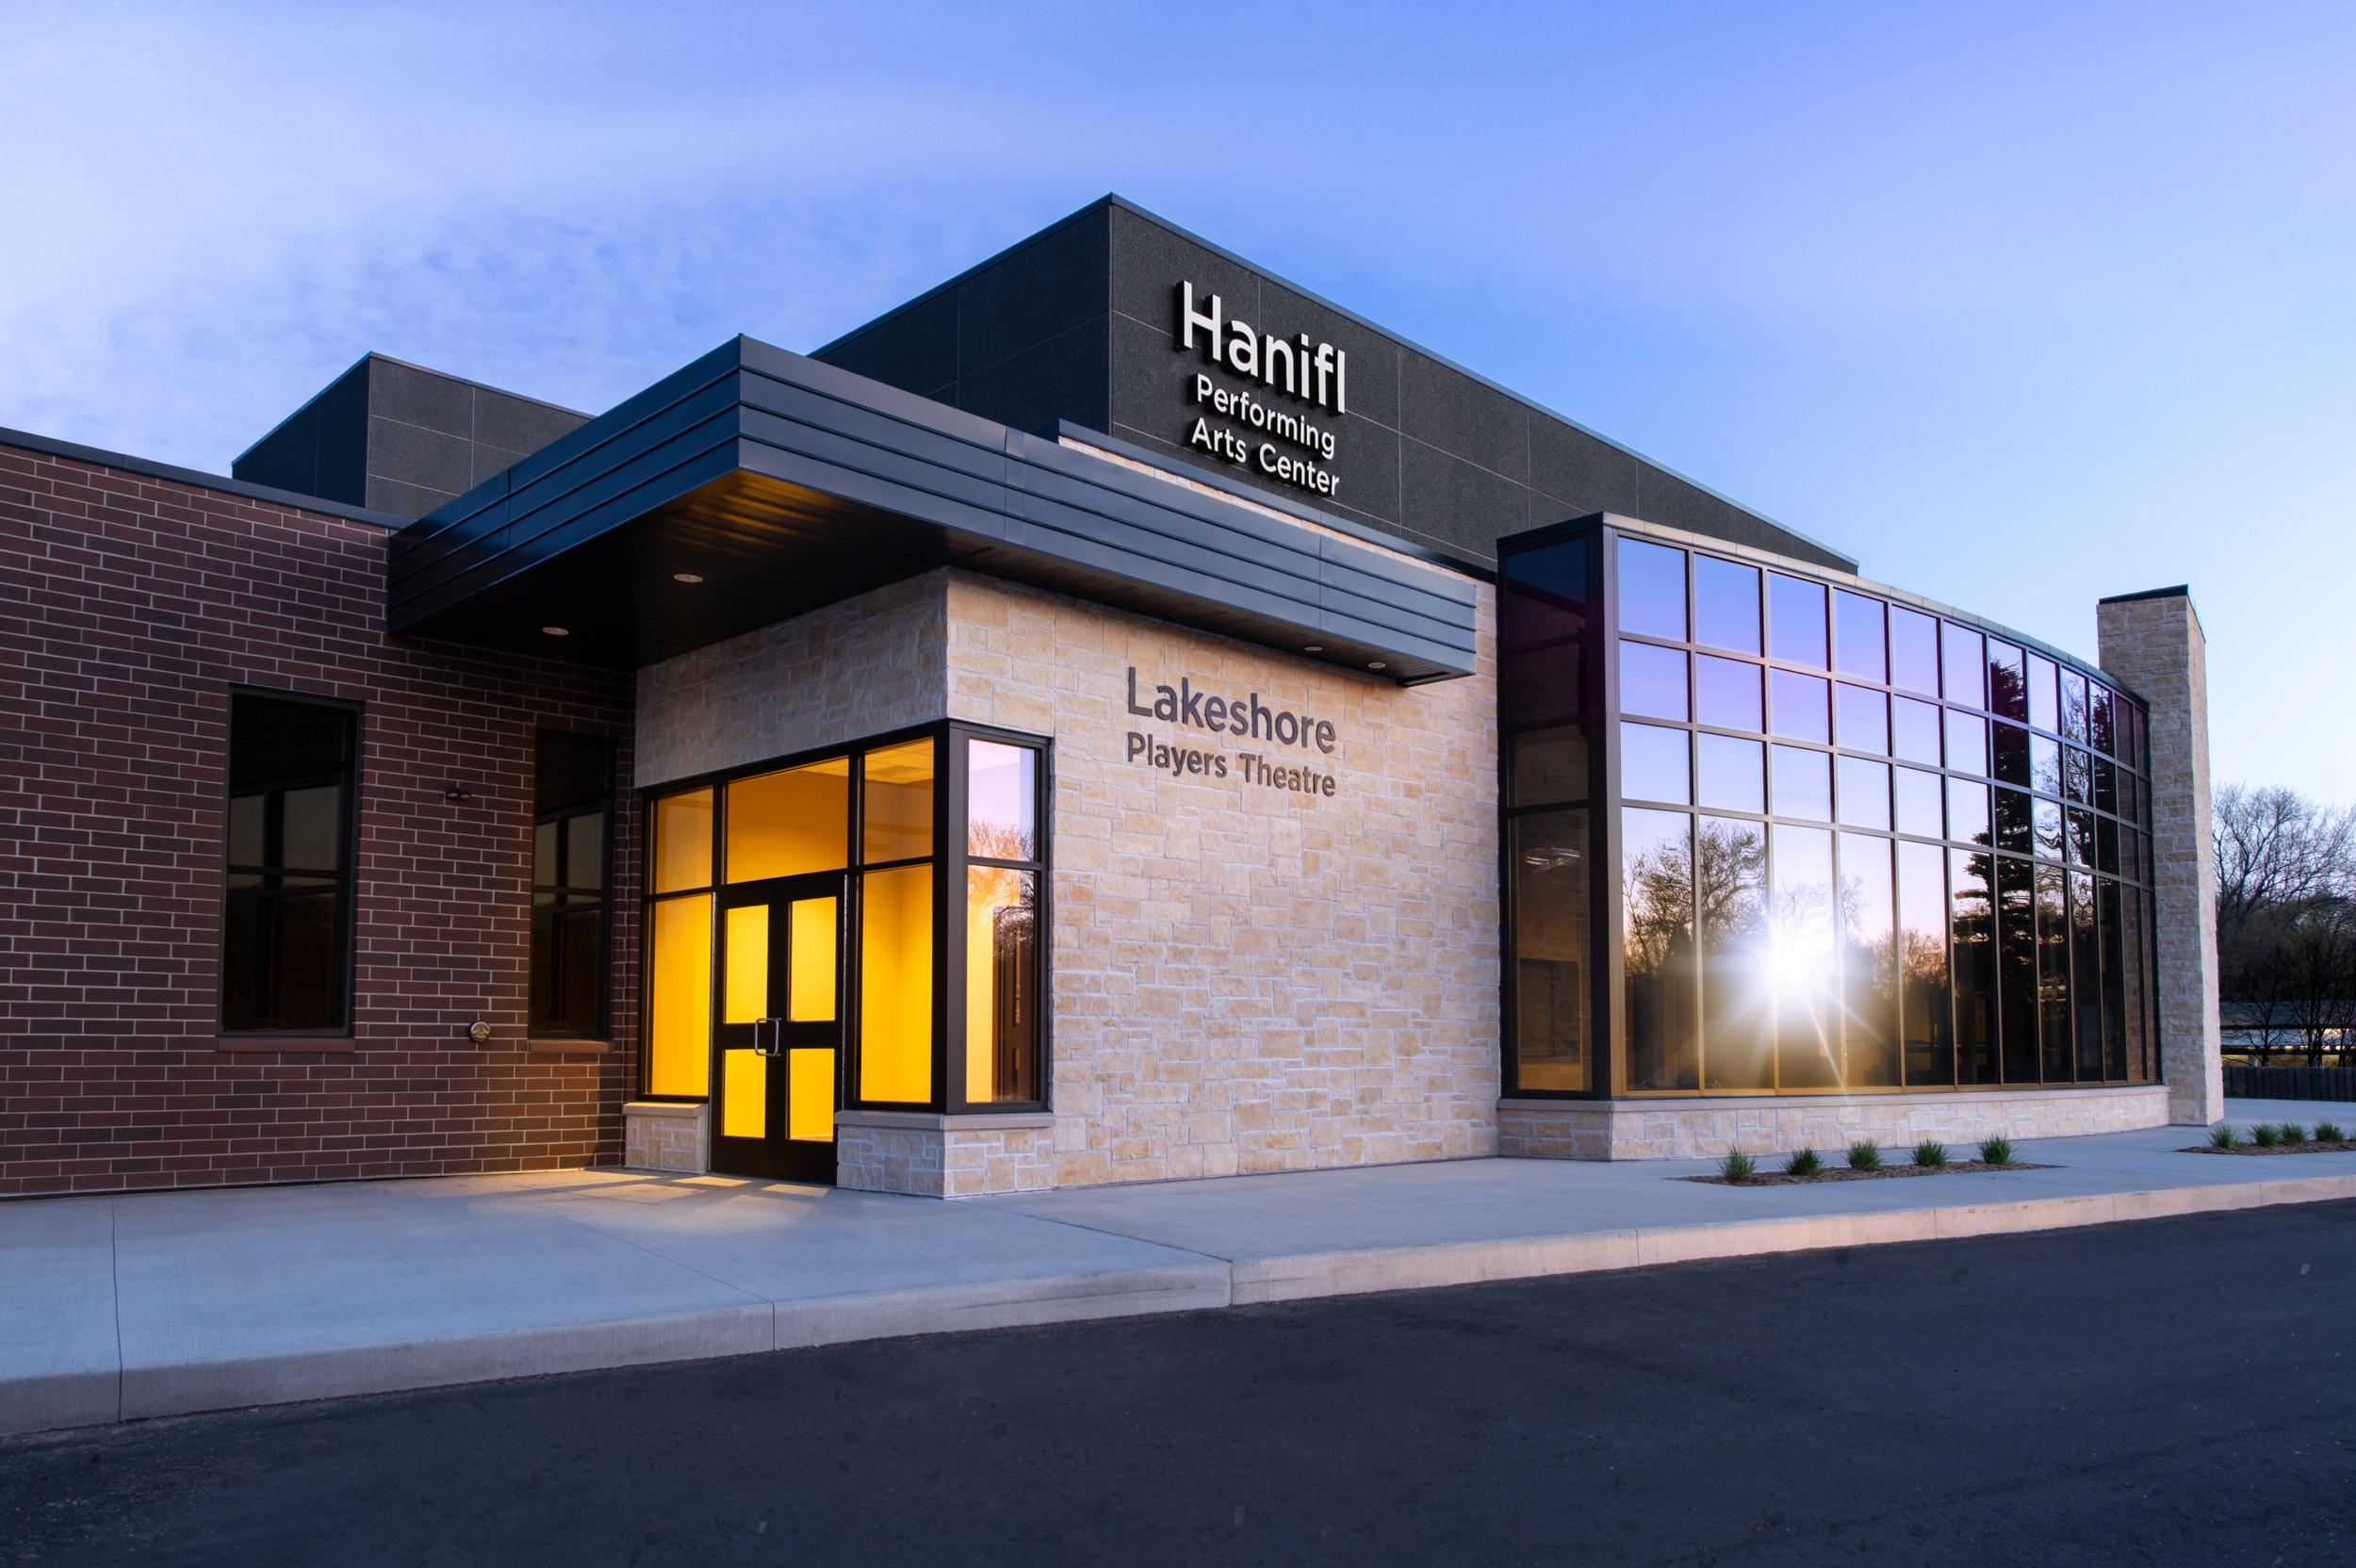 Hanifl Performing Arts Center